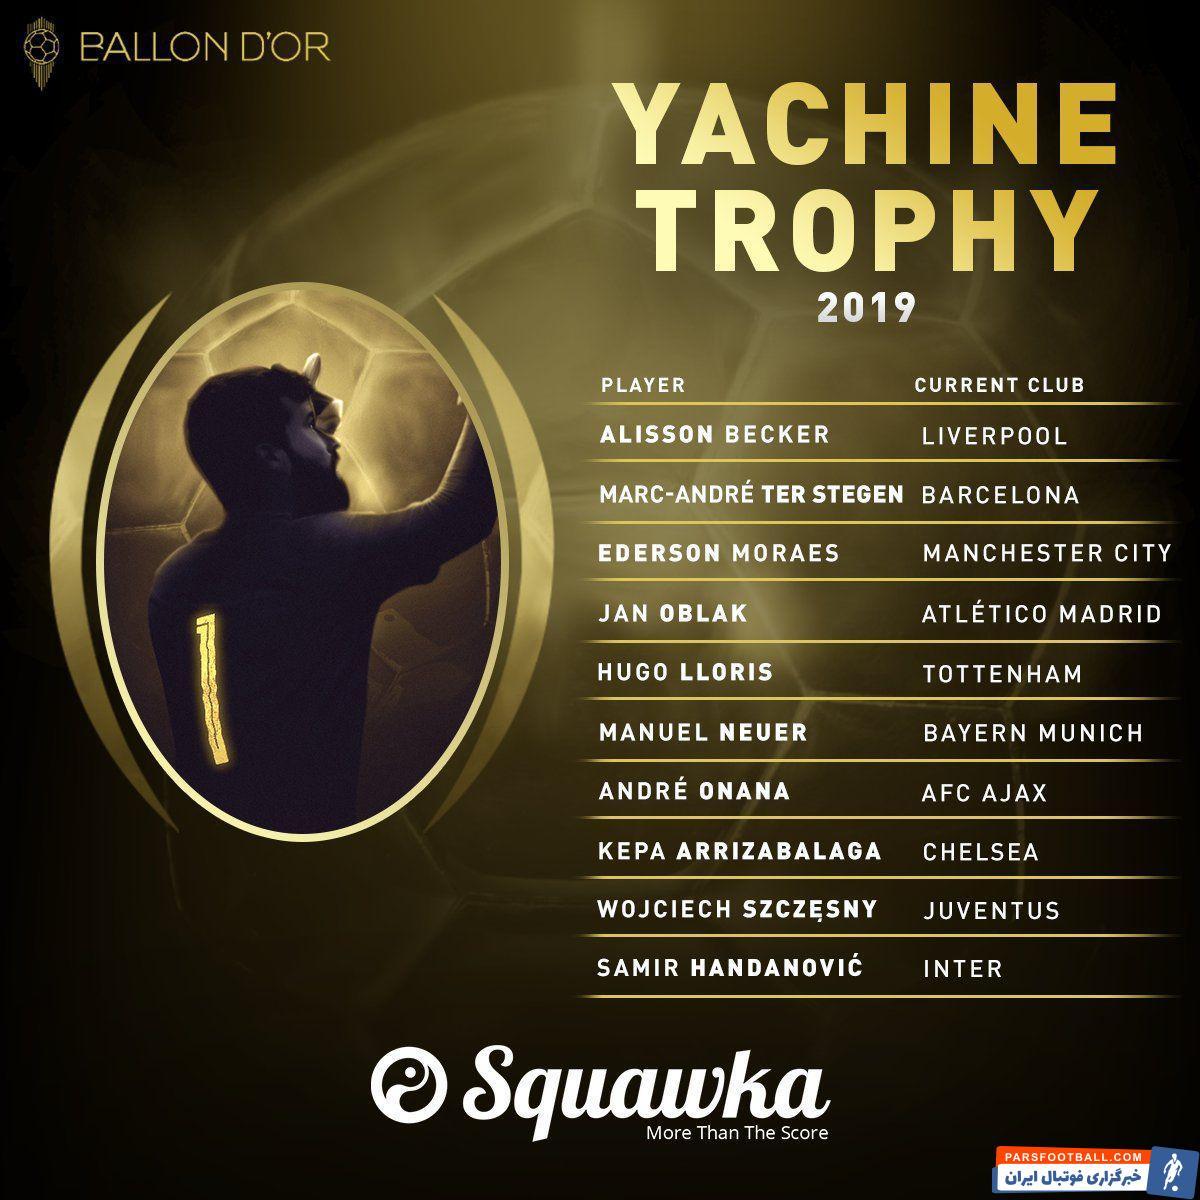 آلیسون بکر در مراسم توپ طلای دیشب اولین جایزه لِو یاشین که به بهترین دروازهبان دنیا اهدا میشود را به خود اختصاص داد.